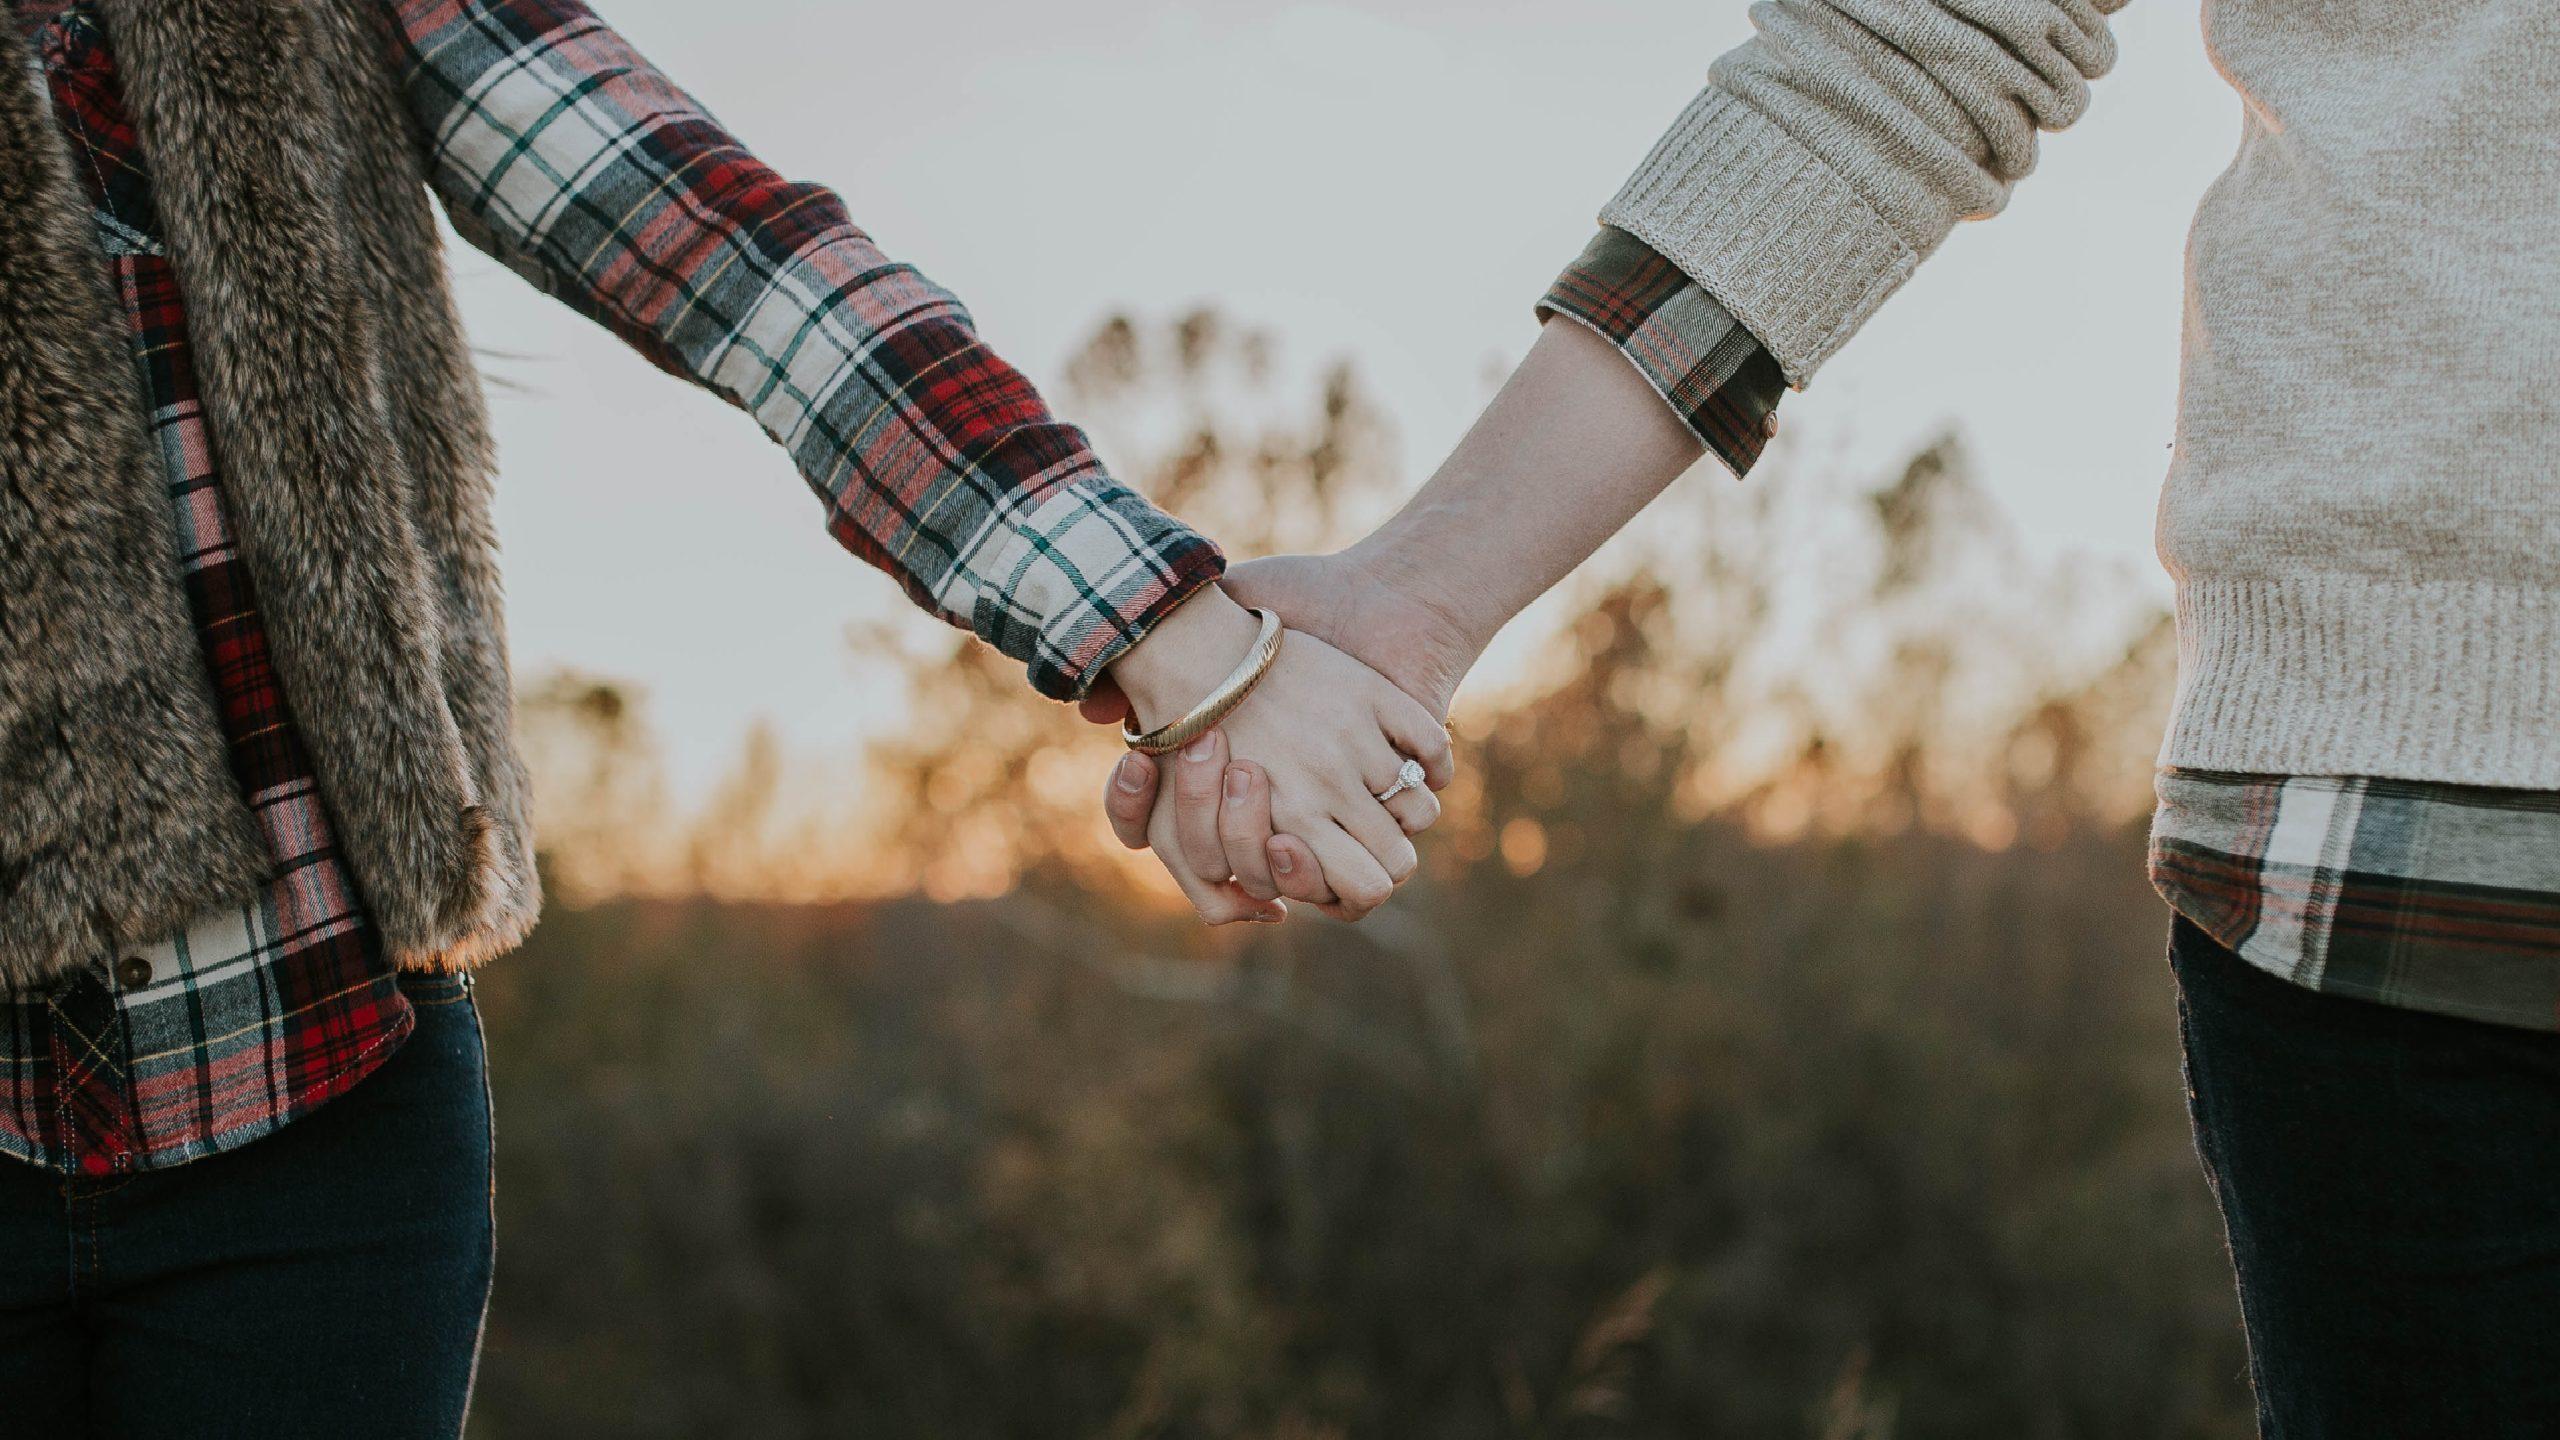 vacanza-romantica-mani